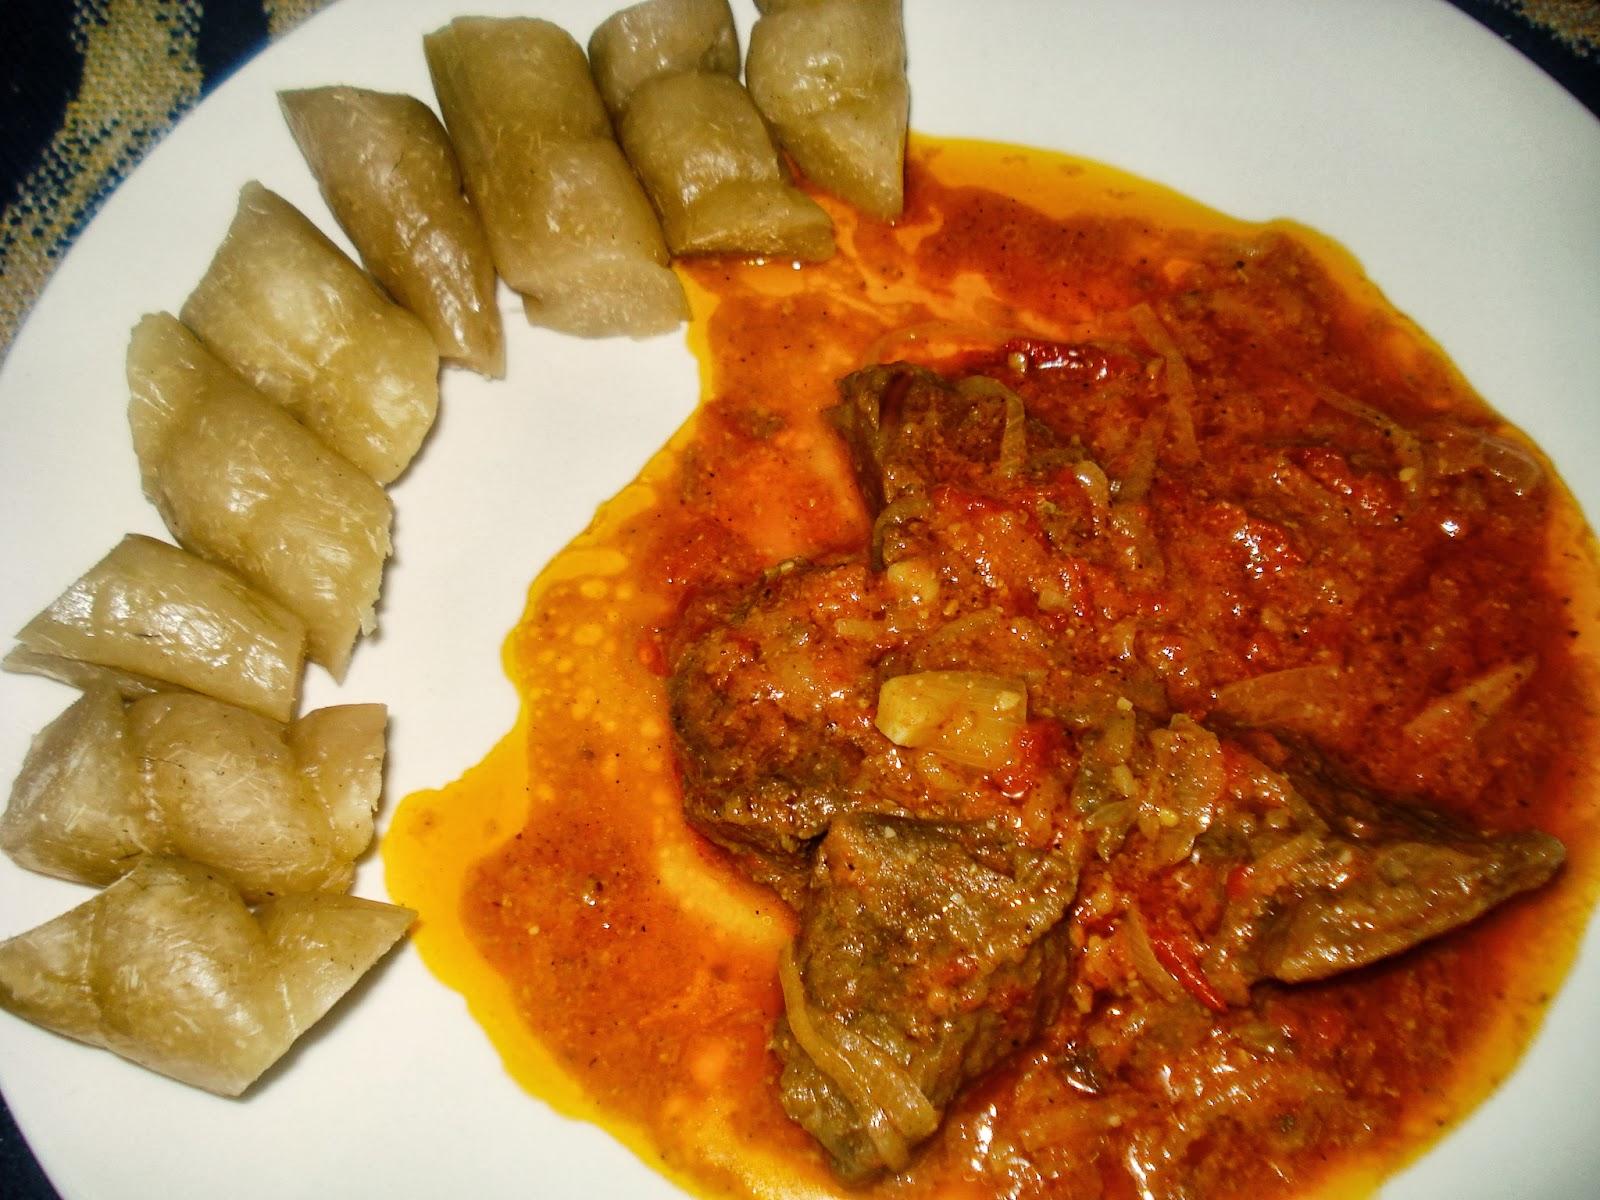 Boeuf r ti au njangsang cuisine camerounaise - Cuisine africaine camerounaise ...